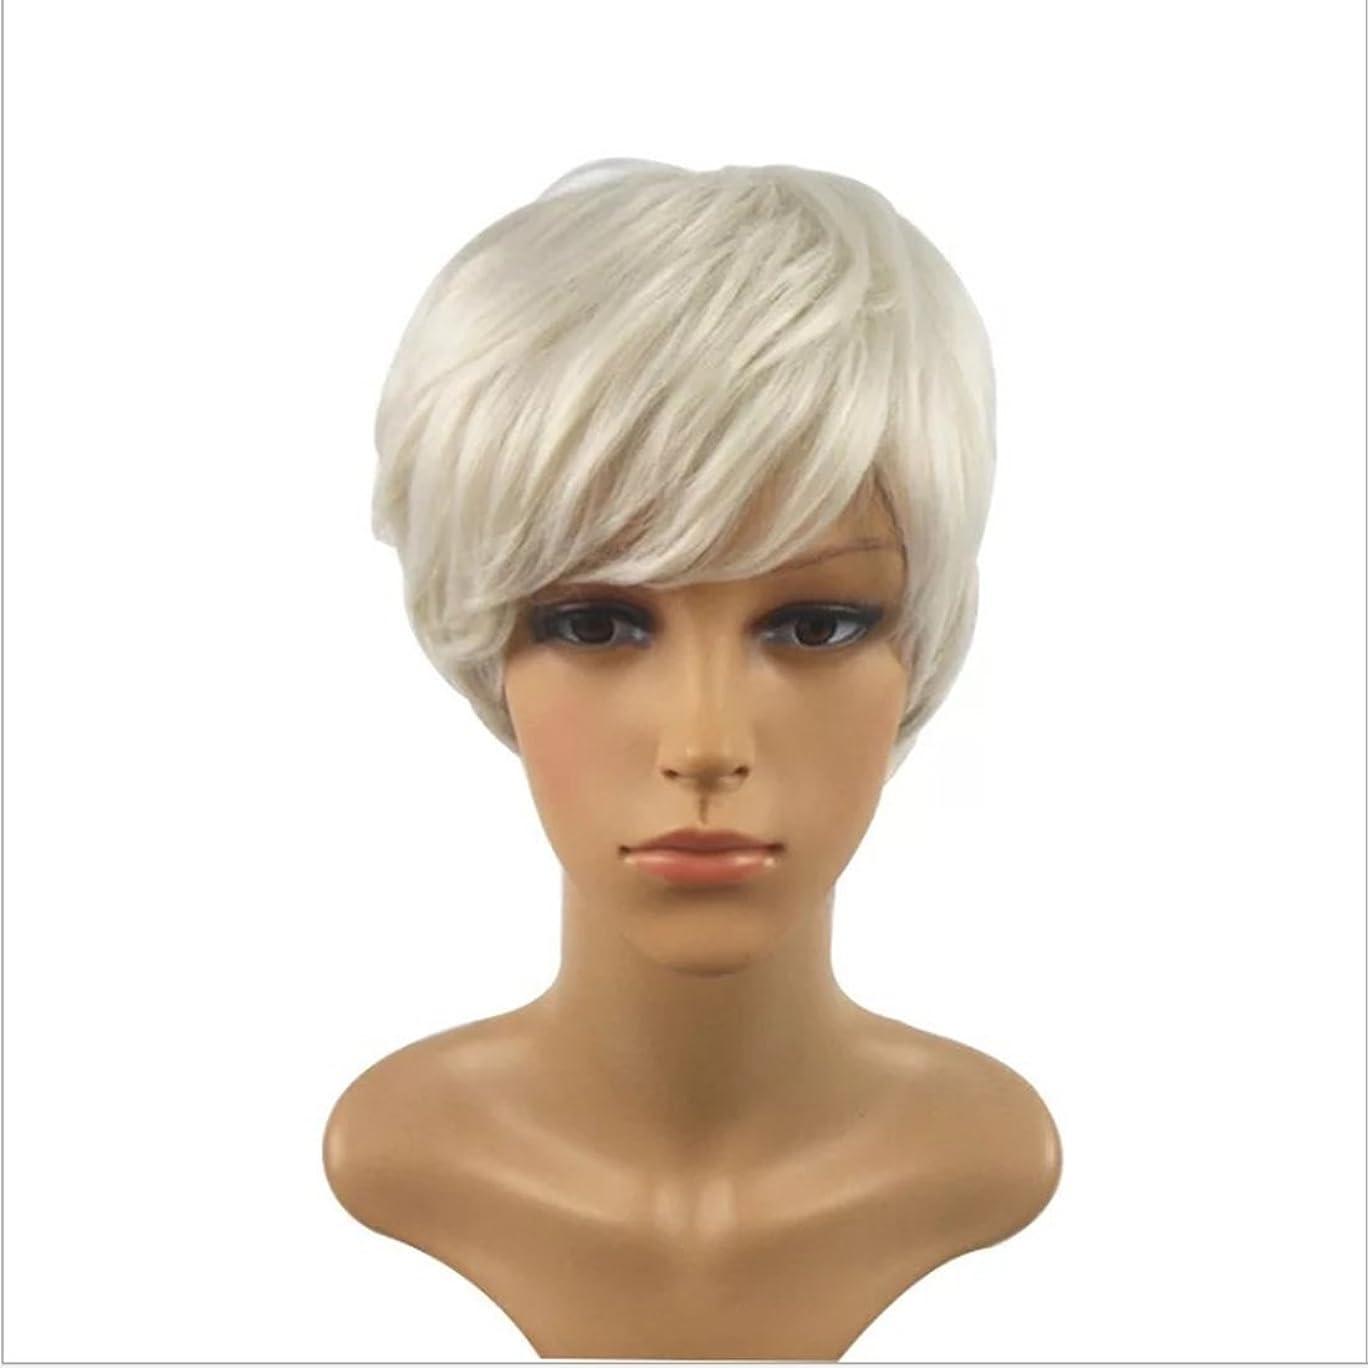 承知しました自伝くさびJIANFU 女性のための魅力的な女性の毛のかつらフラットバンズウィッグショートストレートウィッグパーティー、コスプレのための短いストレートウィッグを見て自然な (Color : ブラック)